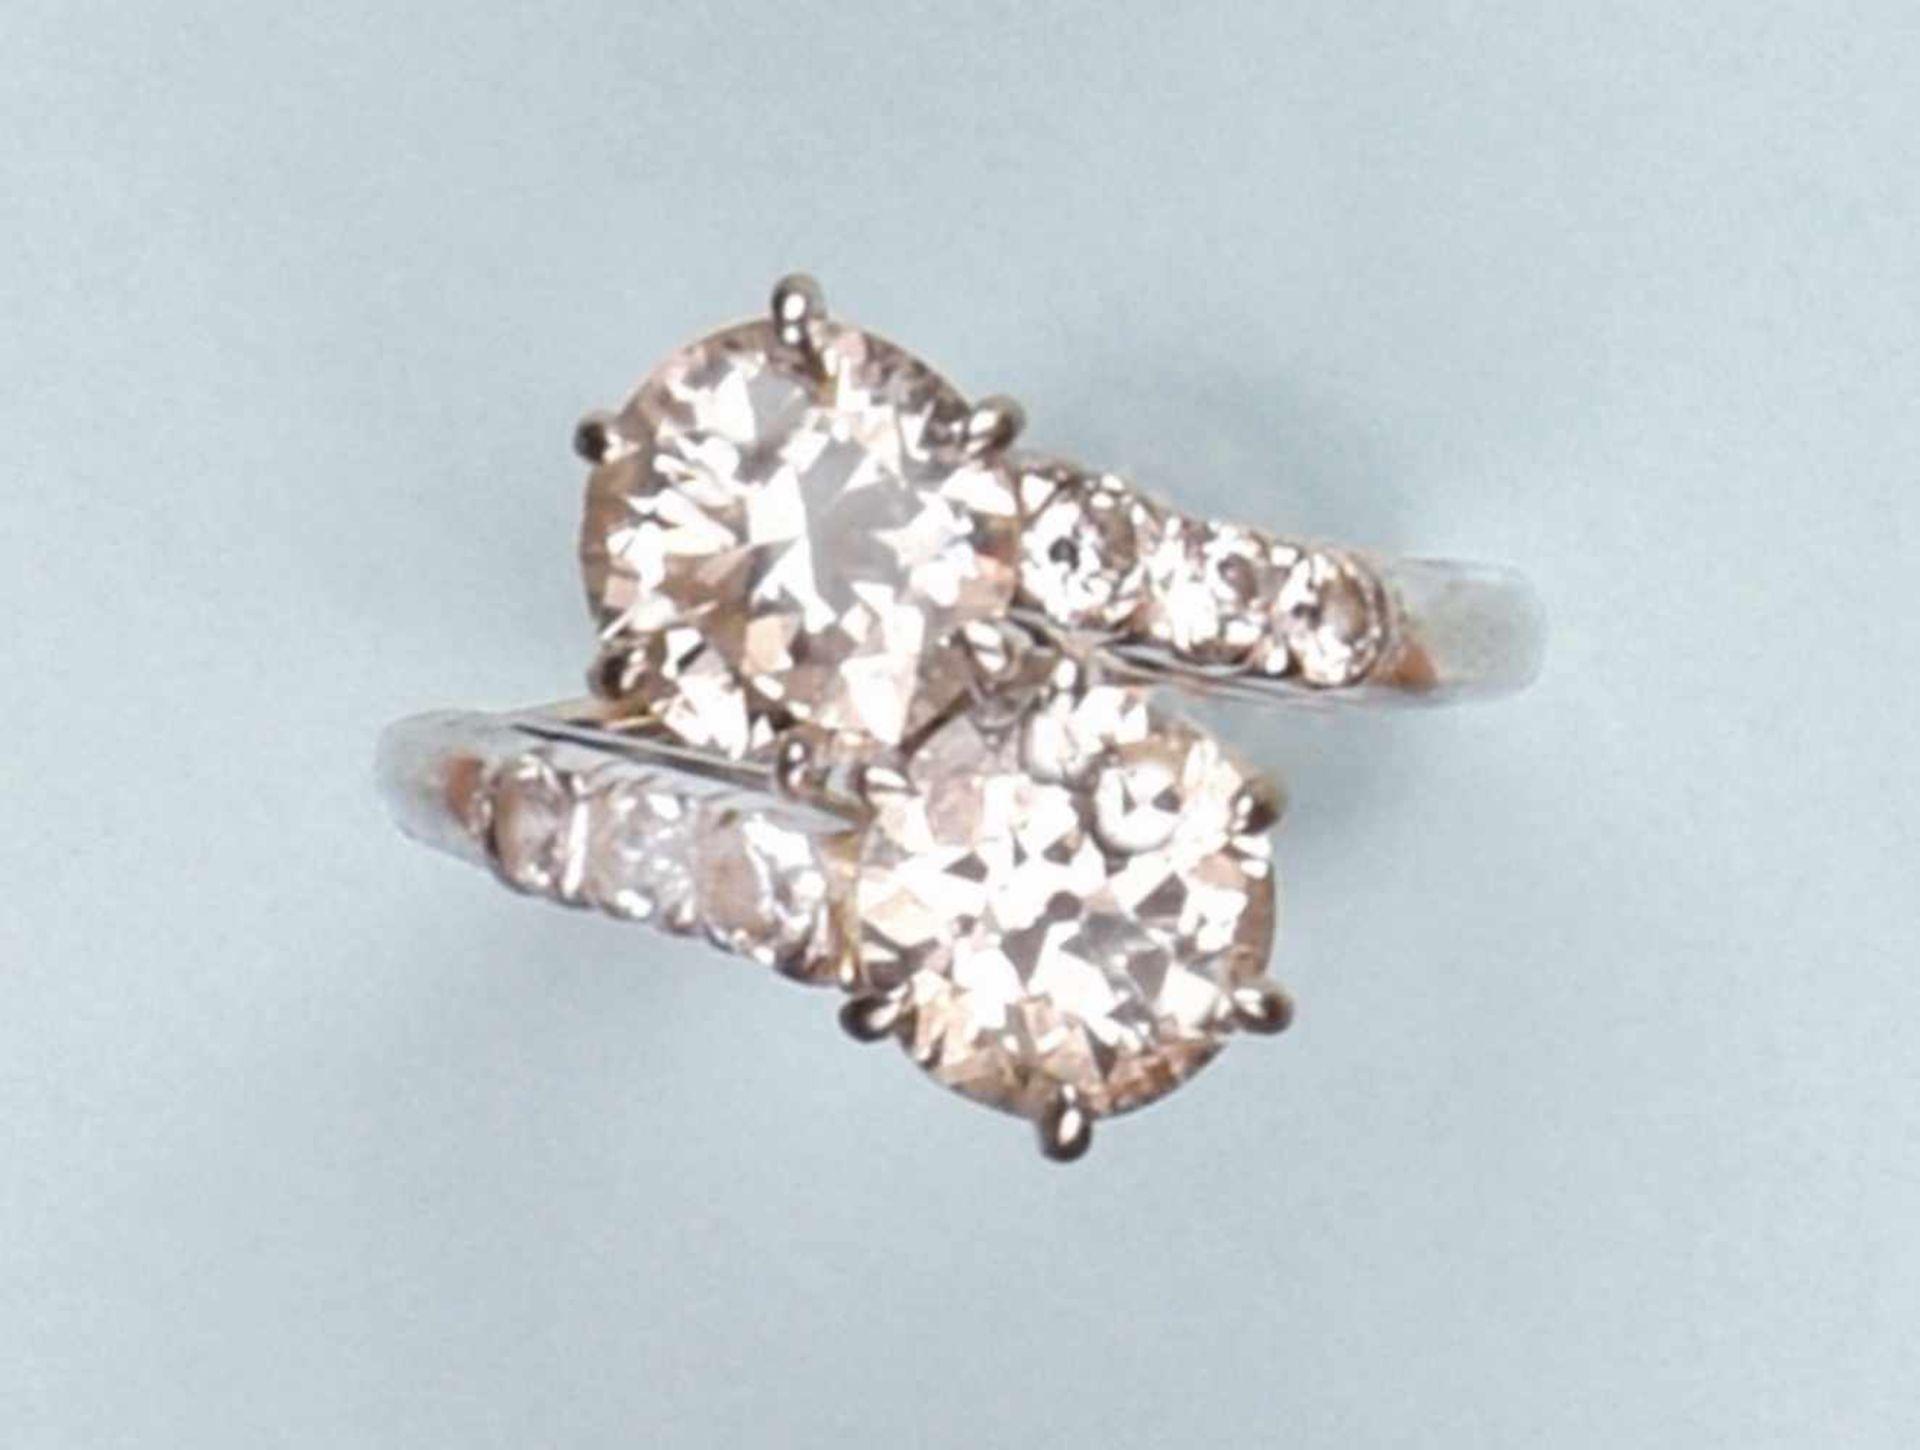 Pittoresque bague toi et moi en platine et or blanc 750. Elle est composée de deux diamants demi-